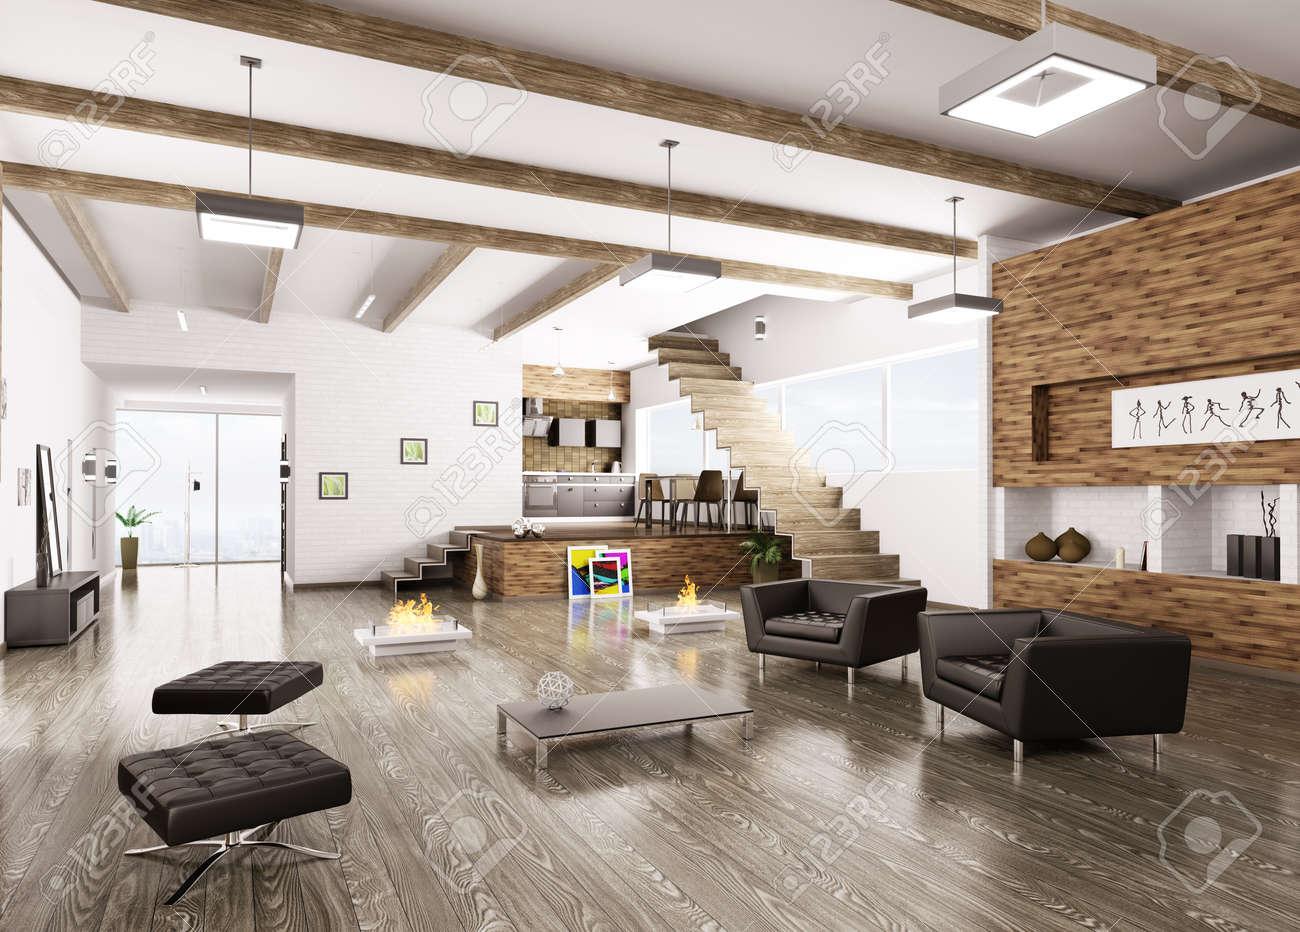 Innere Des Modernen Wohnung Wohnzimmer Esszimmer Flur Kche